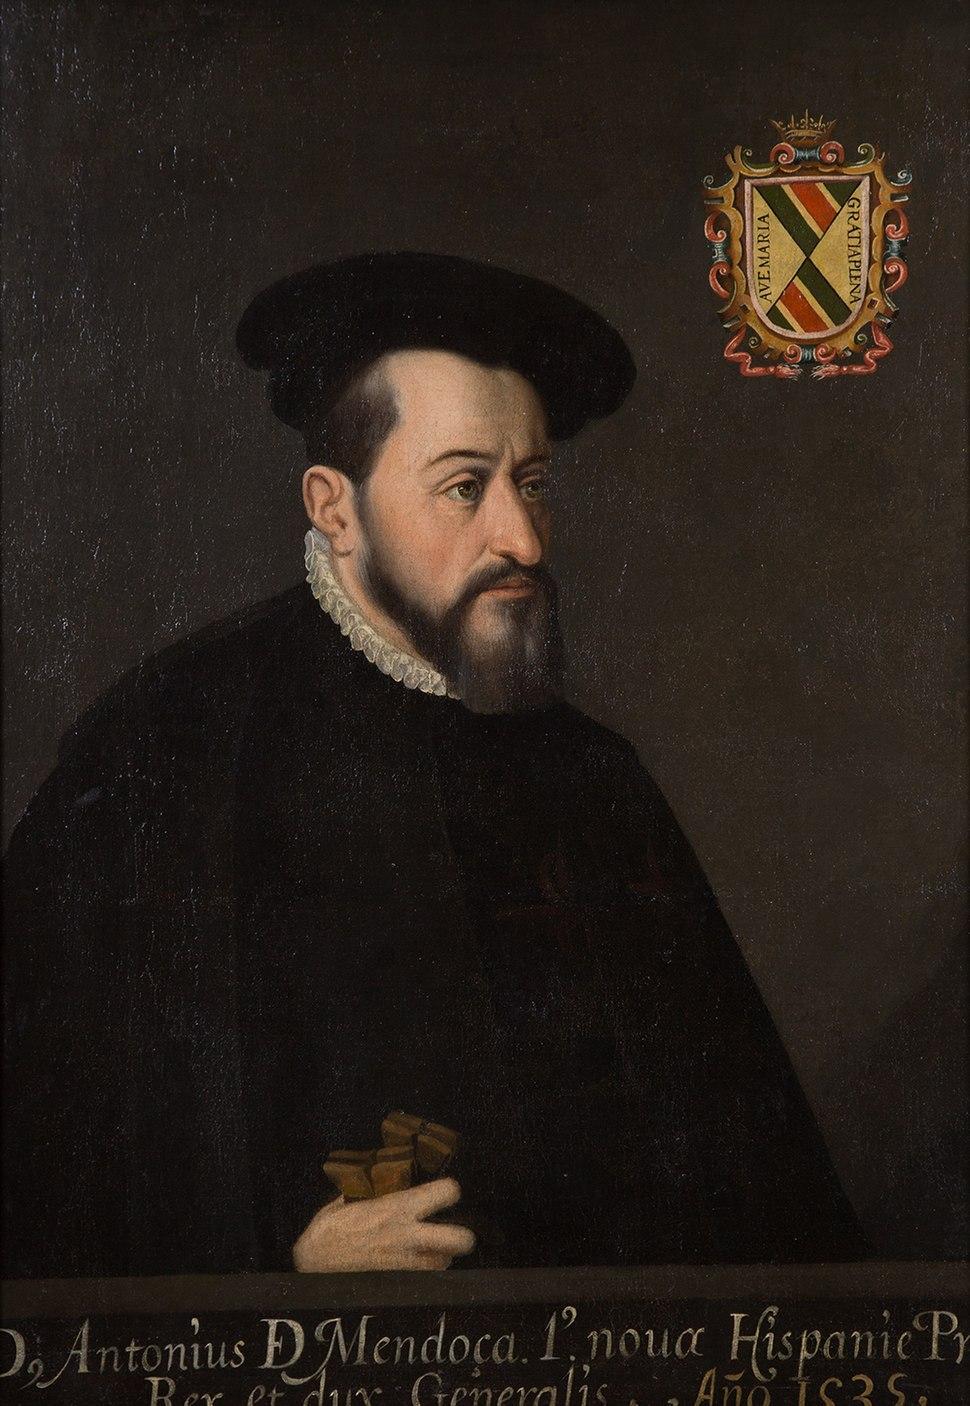 AntonioMendoza